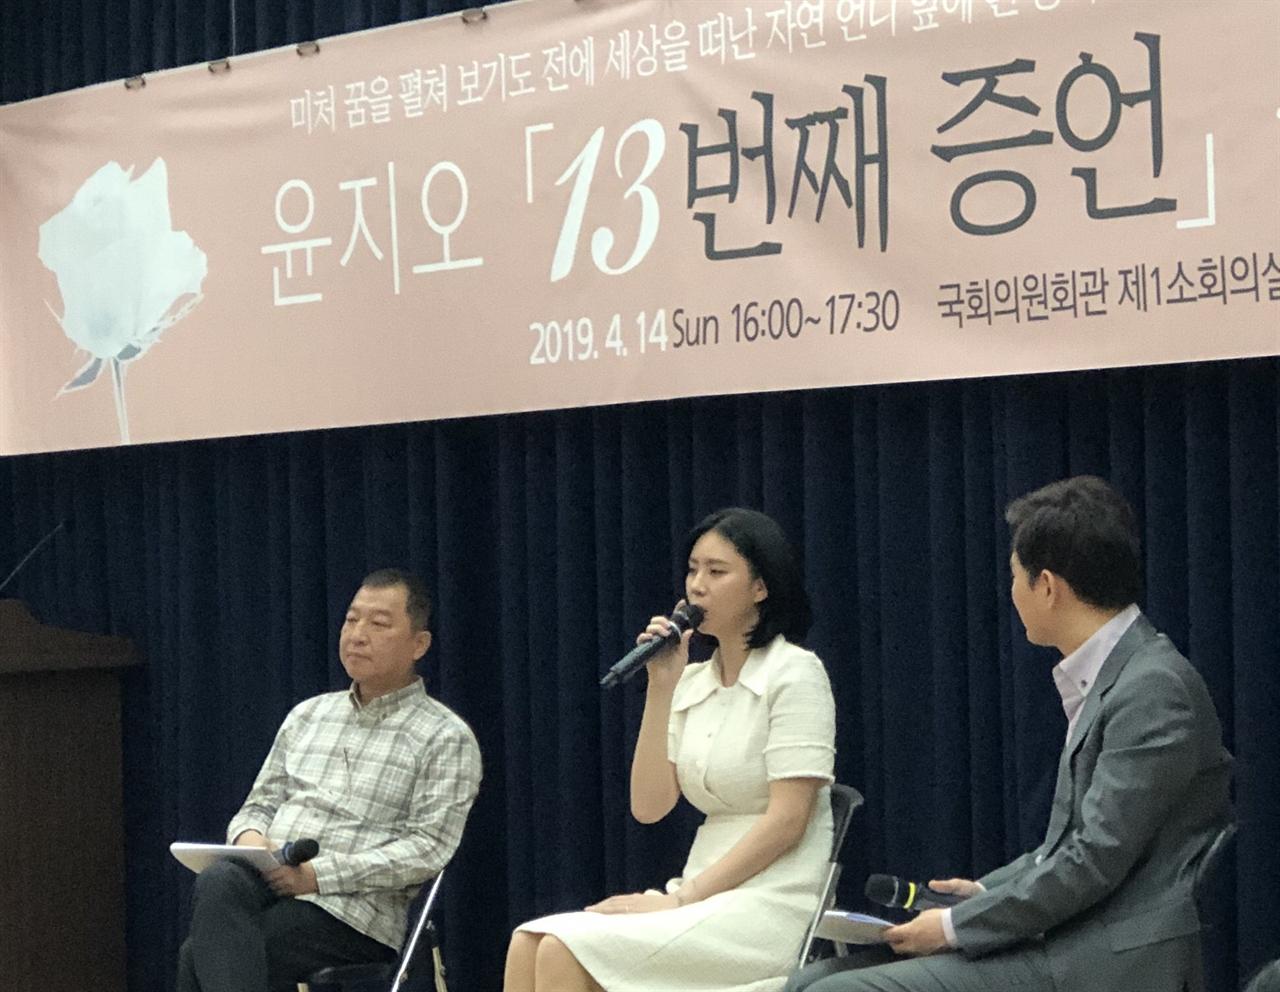 14일 윤지오씨 <13번째 증언> 북 콘서트가 국회의원회관에서 열렸다. 윤씨 왼쪽은 박창일 신부.